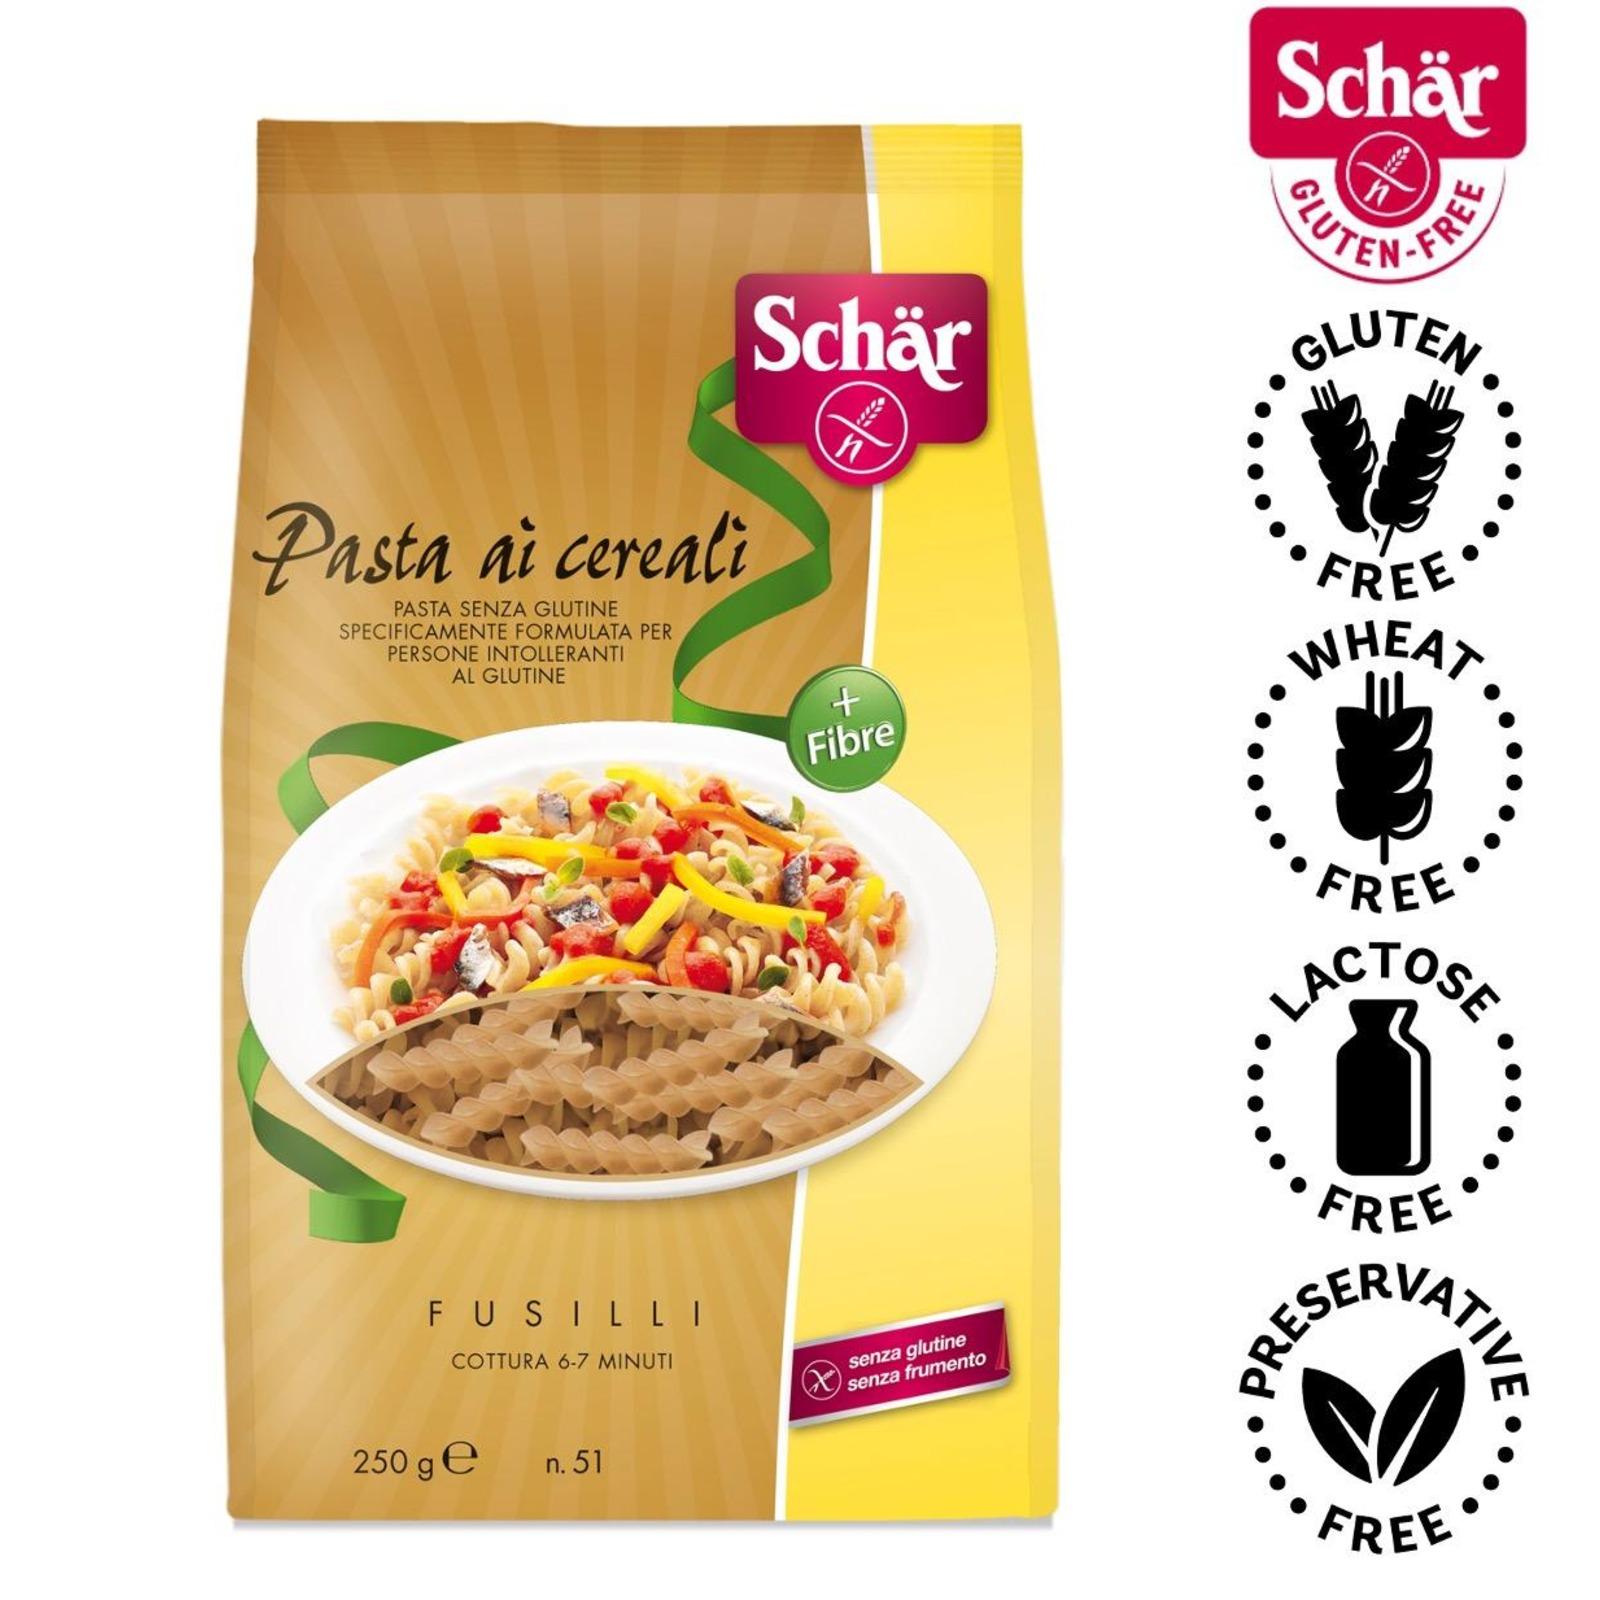 Dr. Schar Spaghetti Multigrain Pasta - Gluten Free